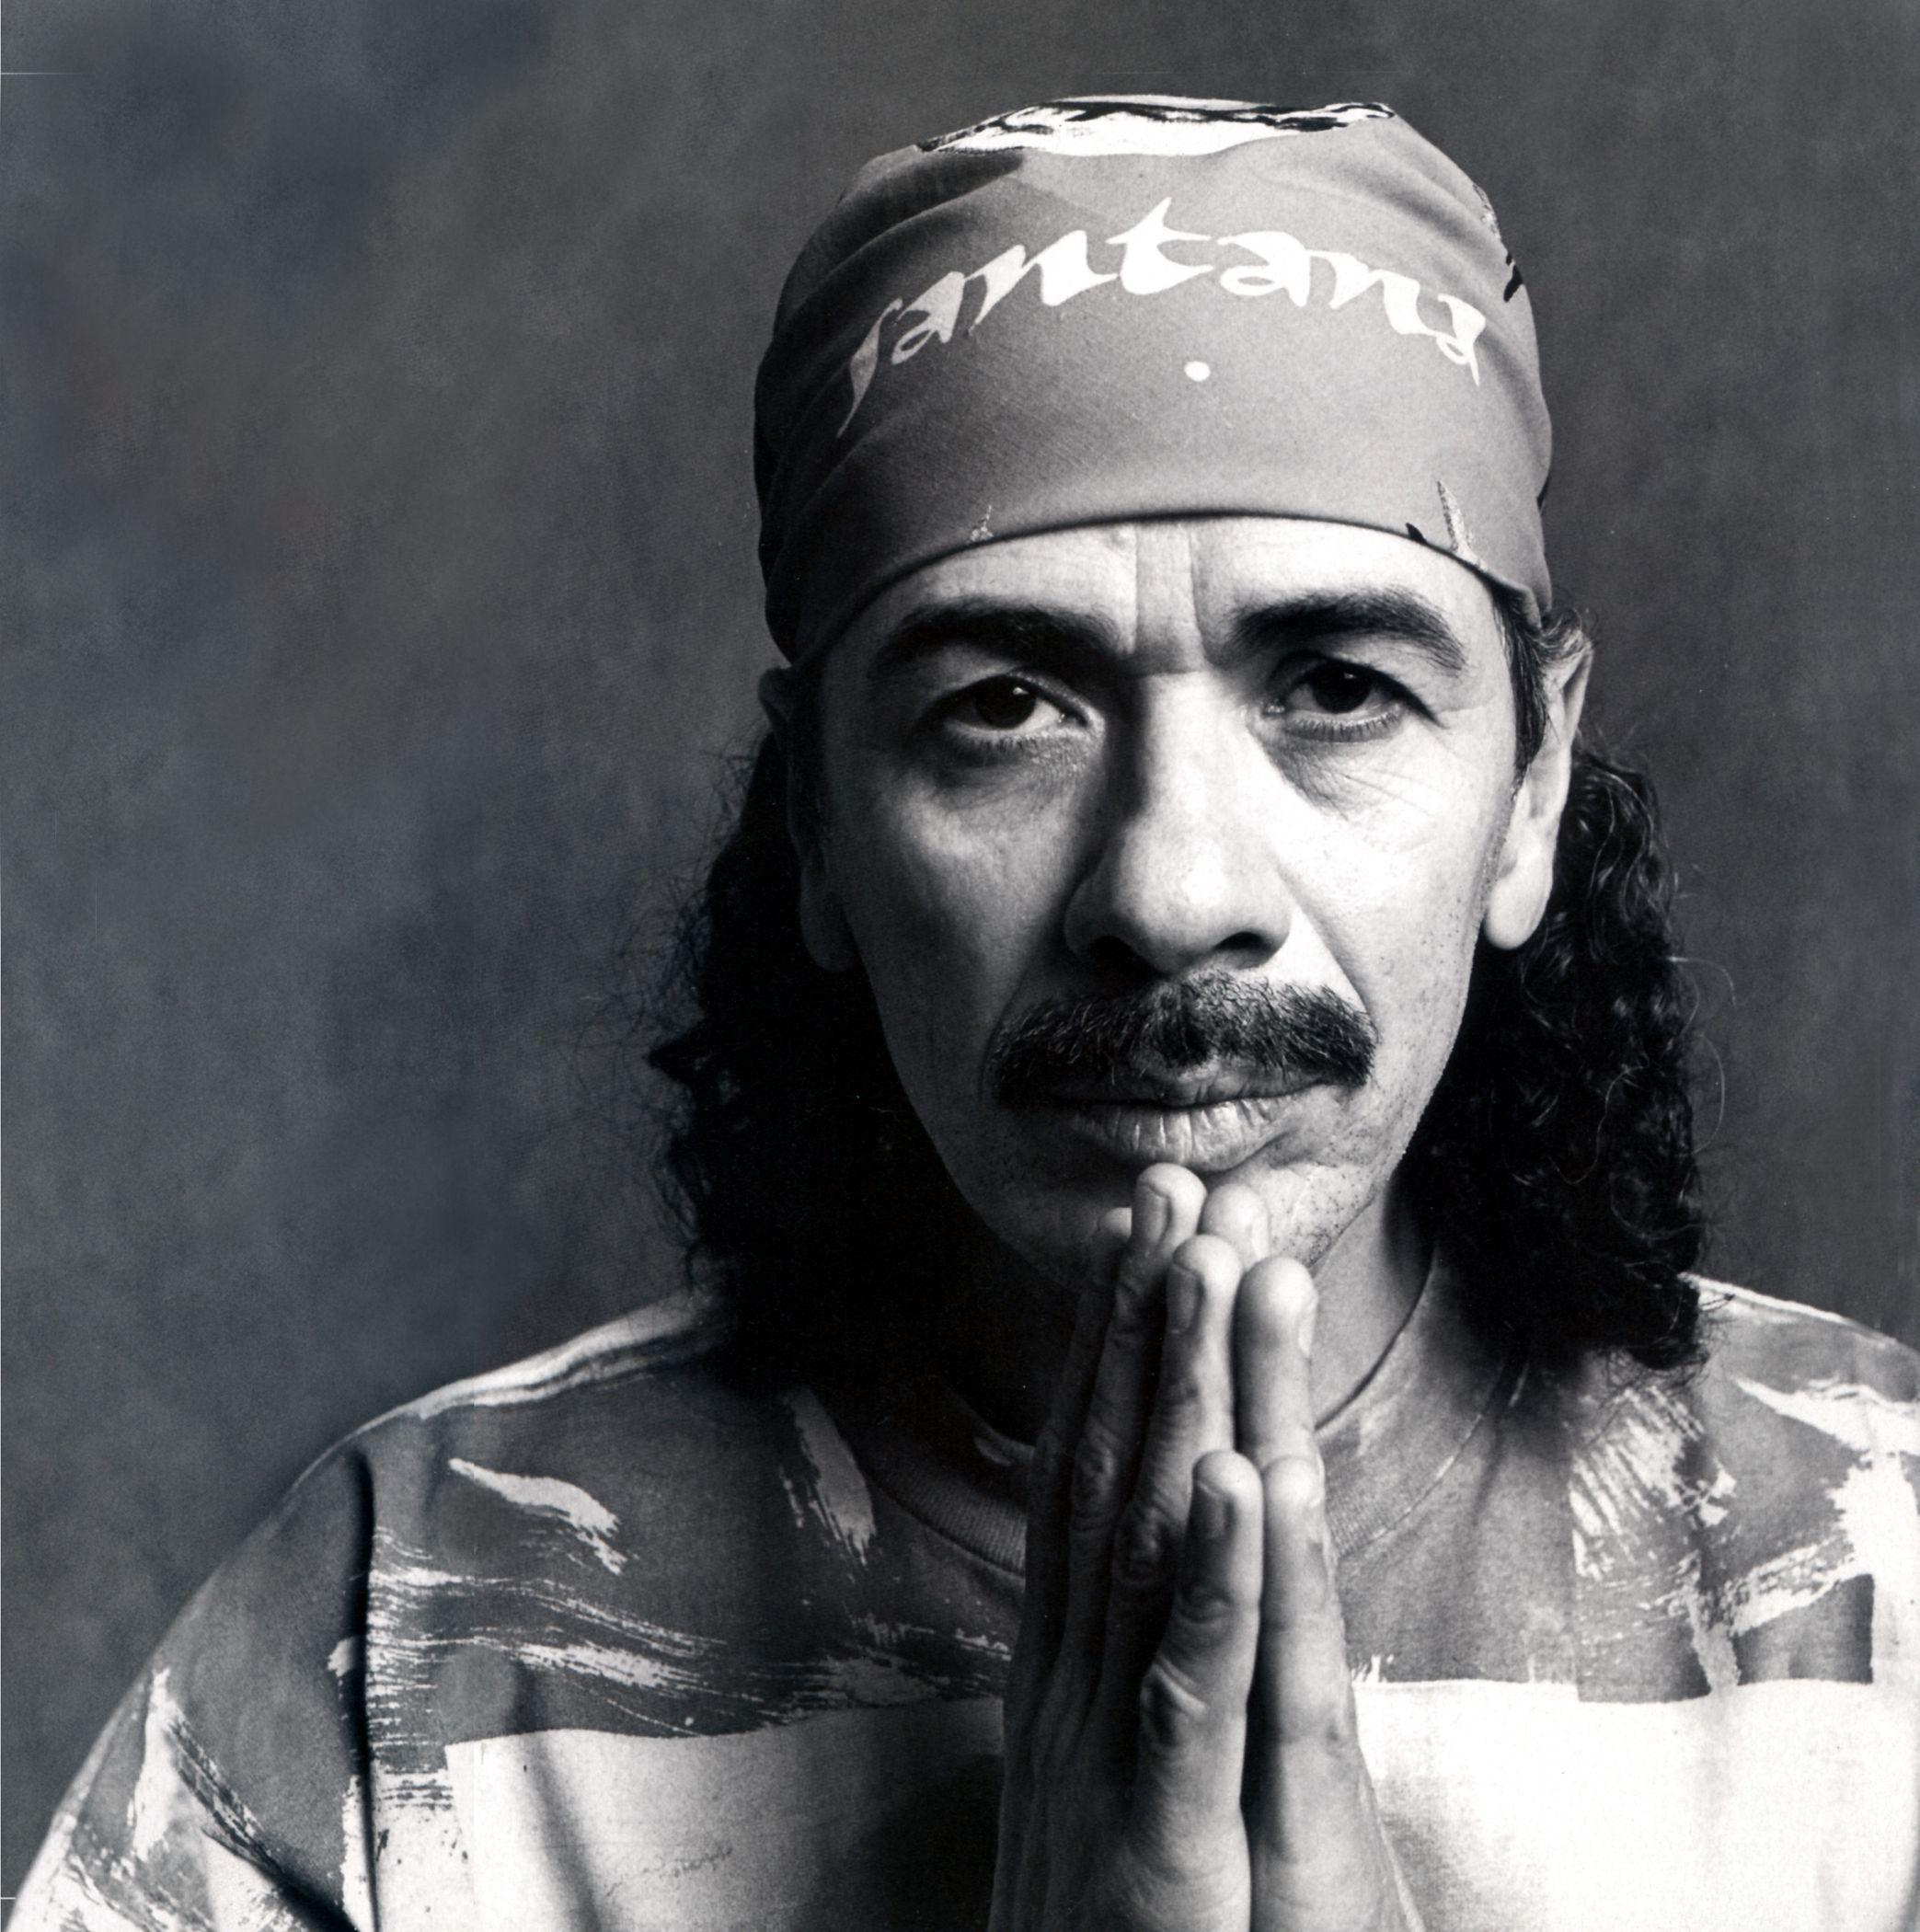 Carlos Santa... Santana Md